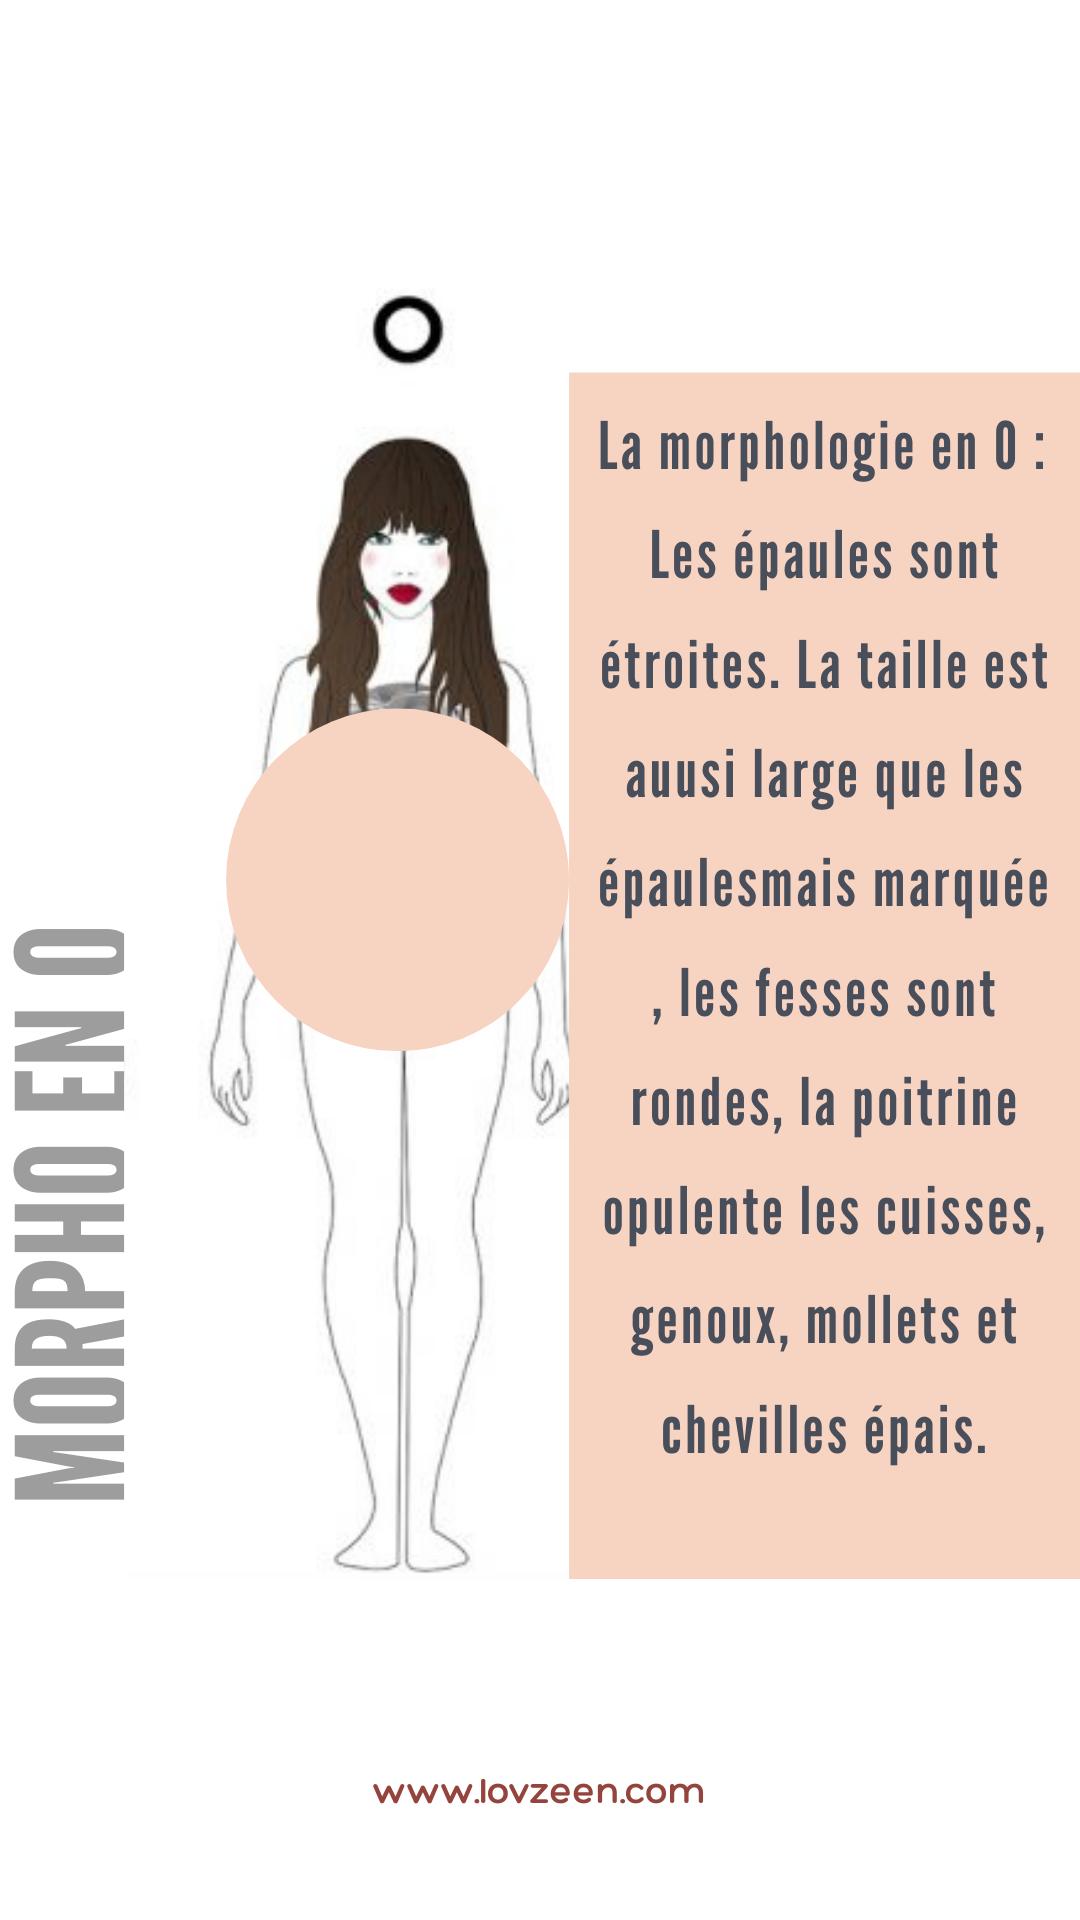 morphologie en 0